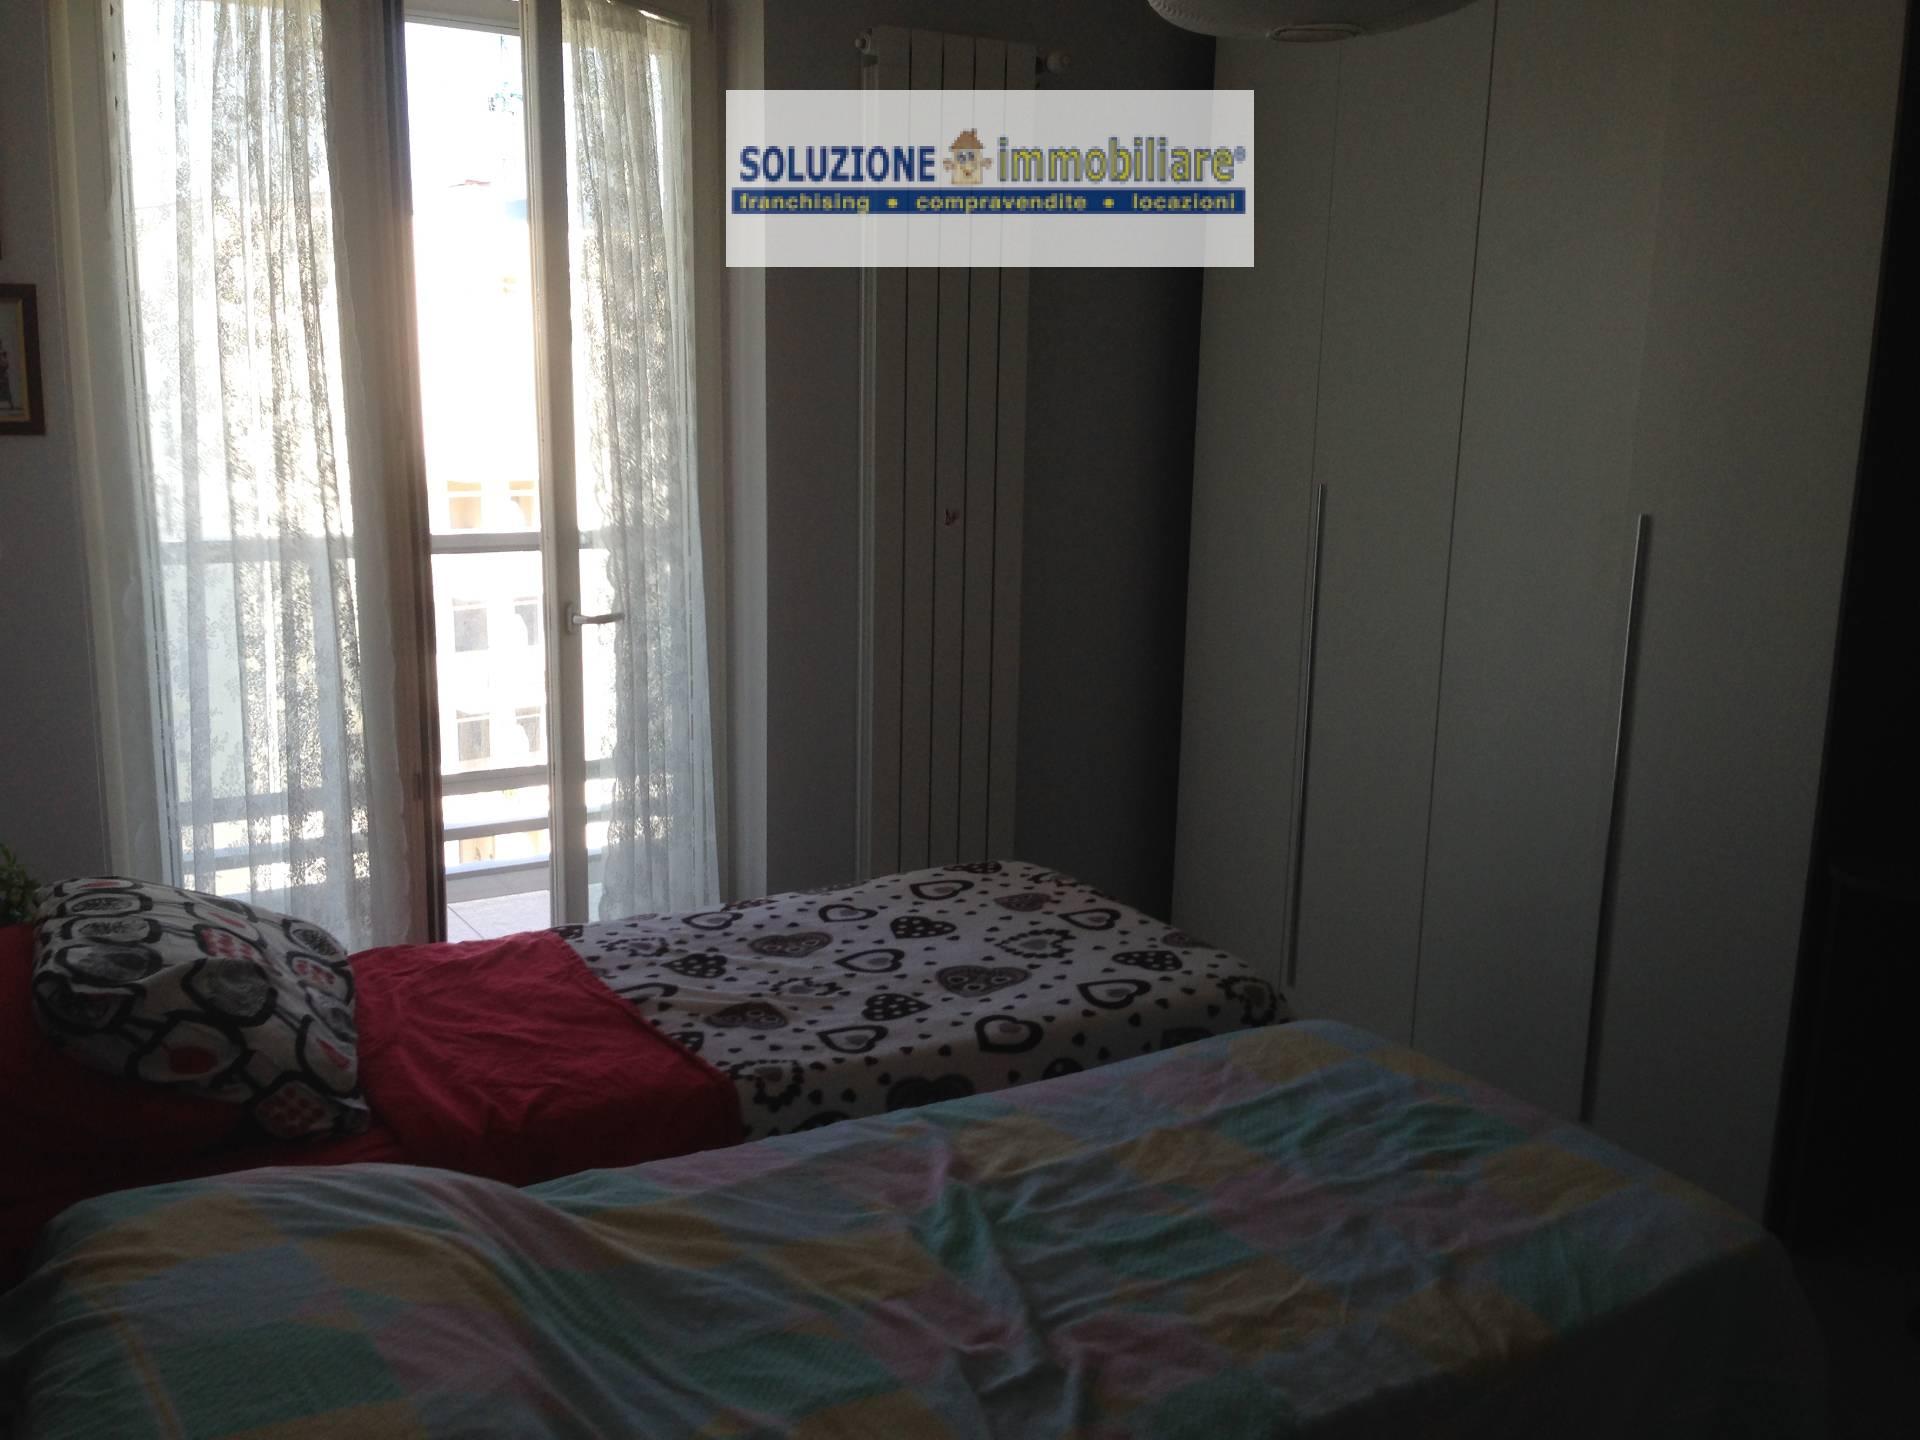 Appartamento in affitto a Chieti, 4 locali, zona Località: zonauniversitaria, prezzo € 185   CambioCasa.it